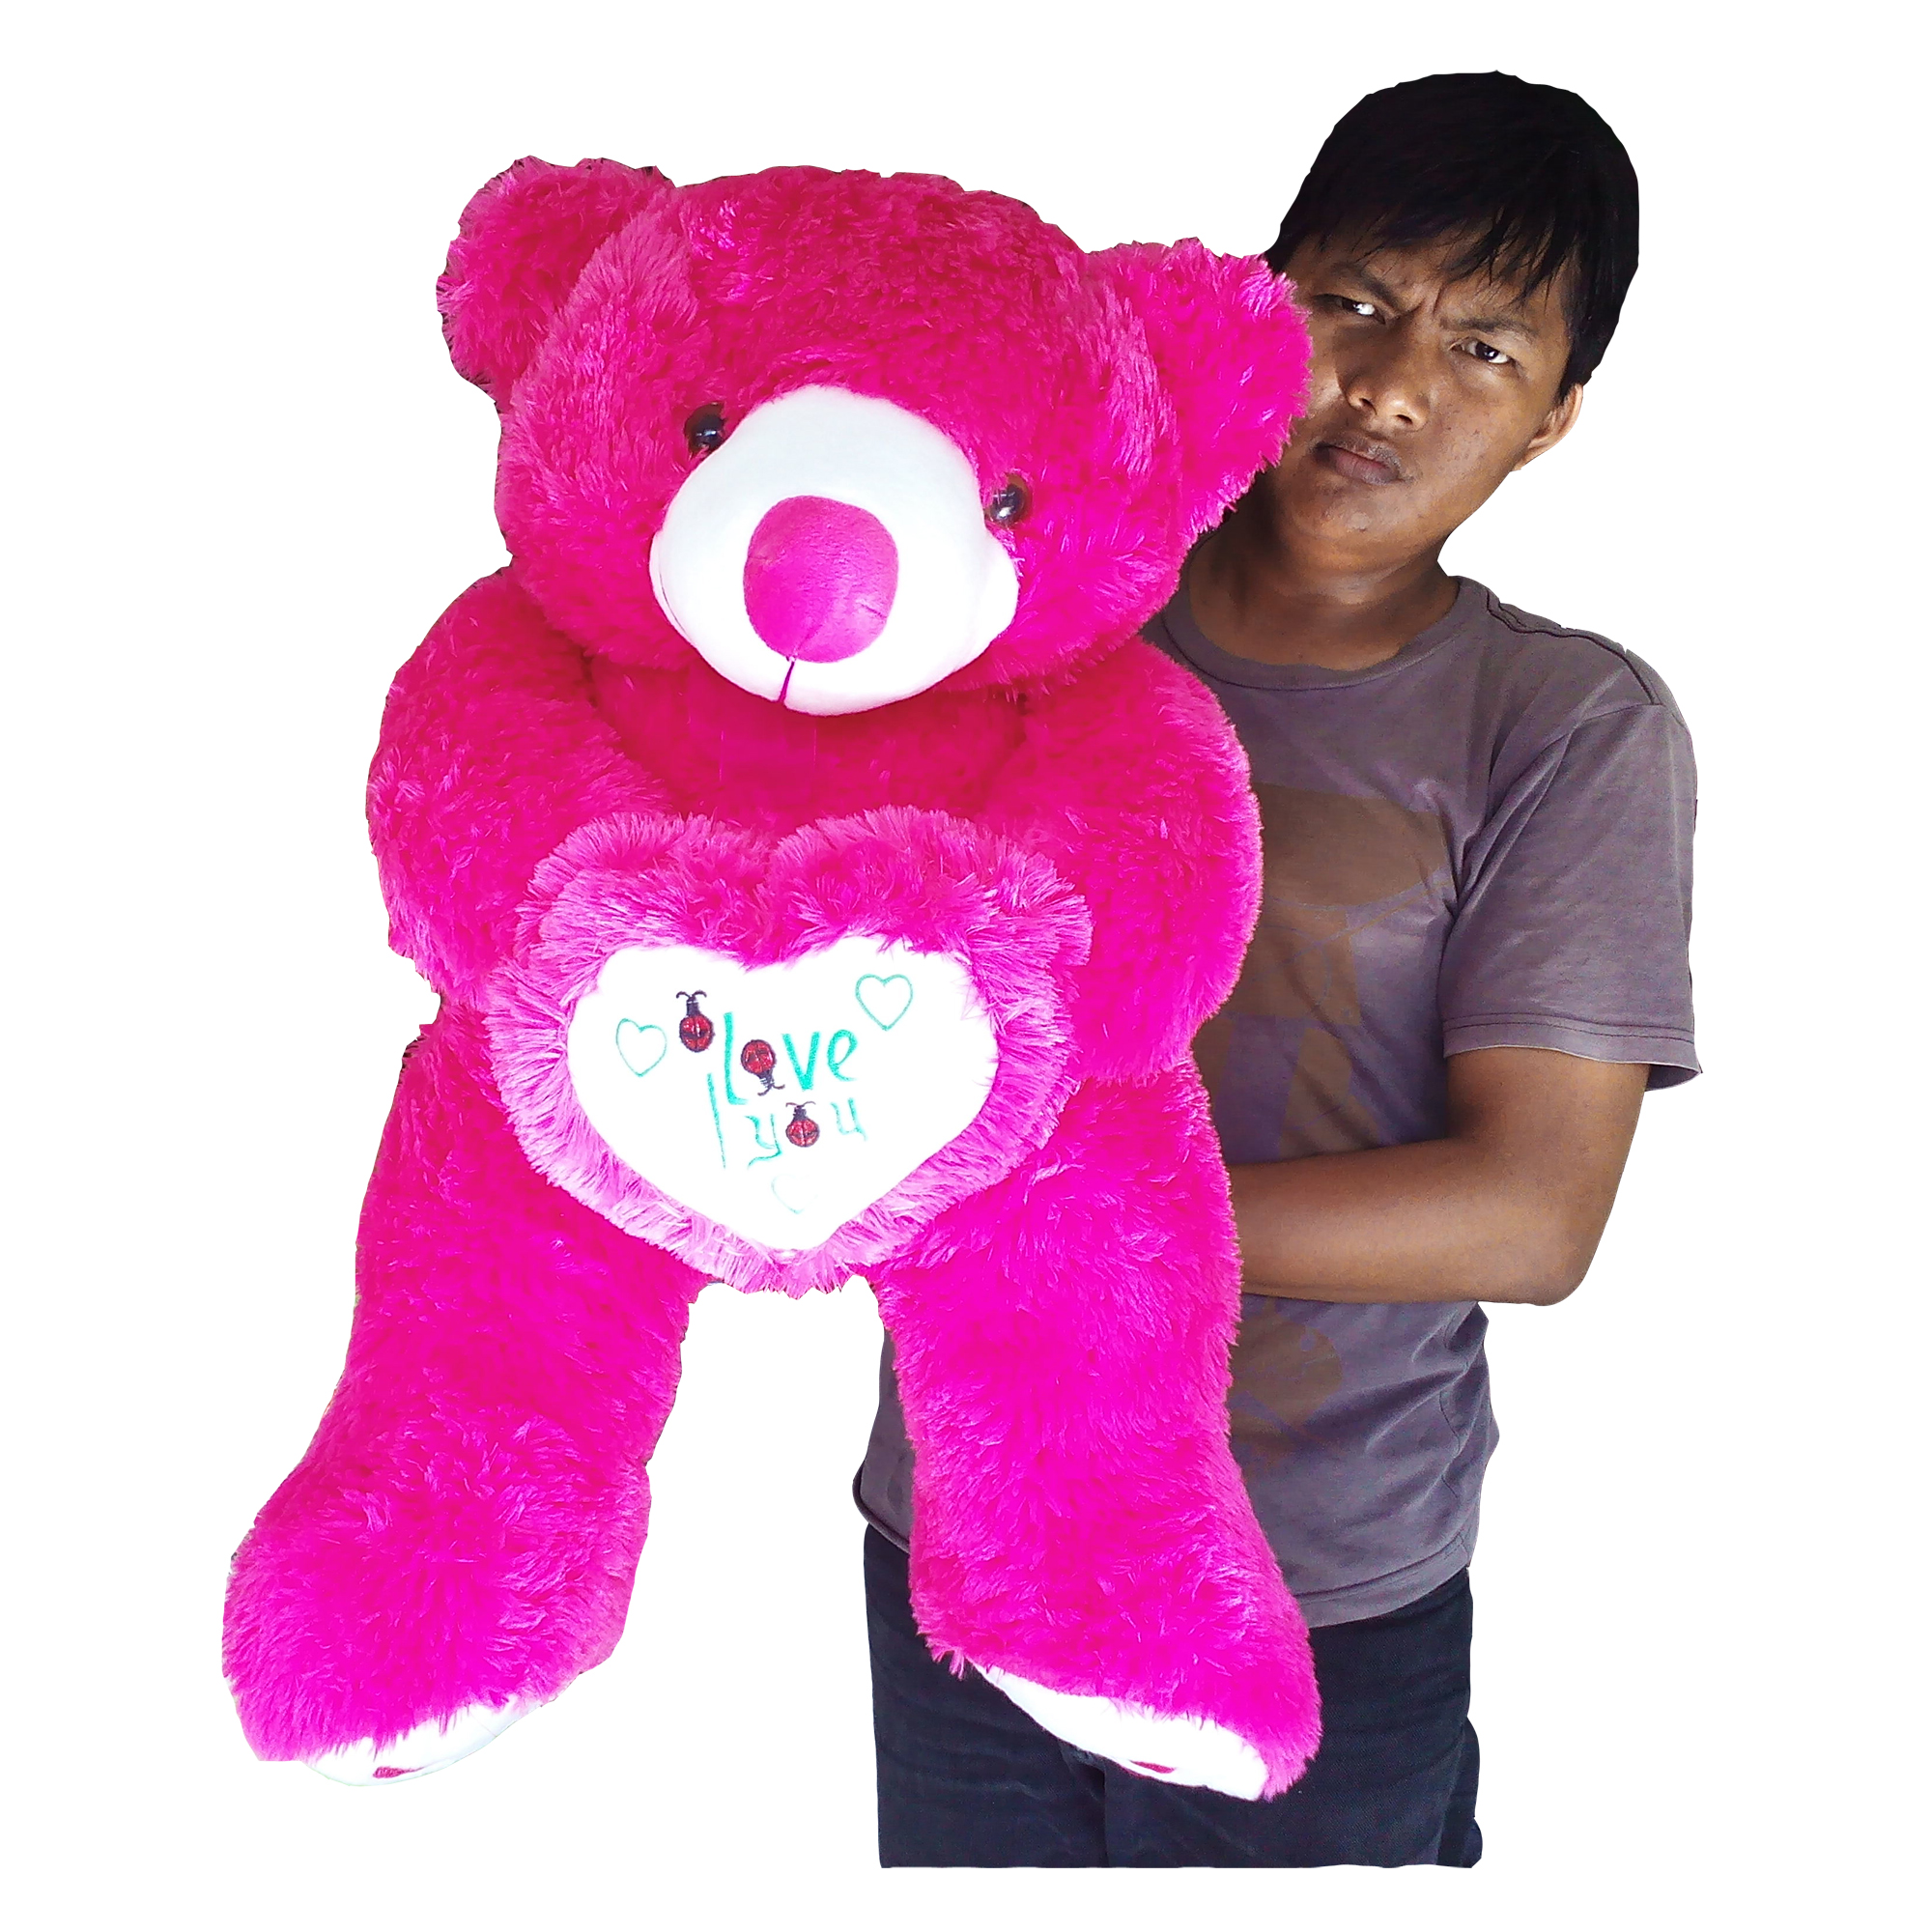 Raja Boneka Boneka Teddy Bear Jumbo Ungu Daftar Harga Terkini dan Source ·  Boneka Beruang Besar bdb49695e1